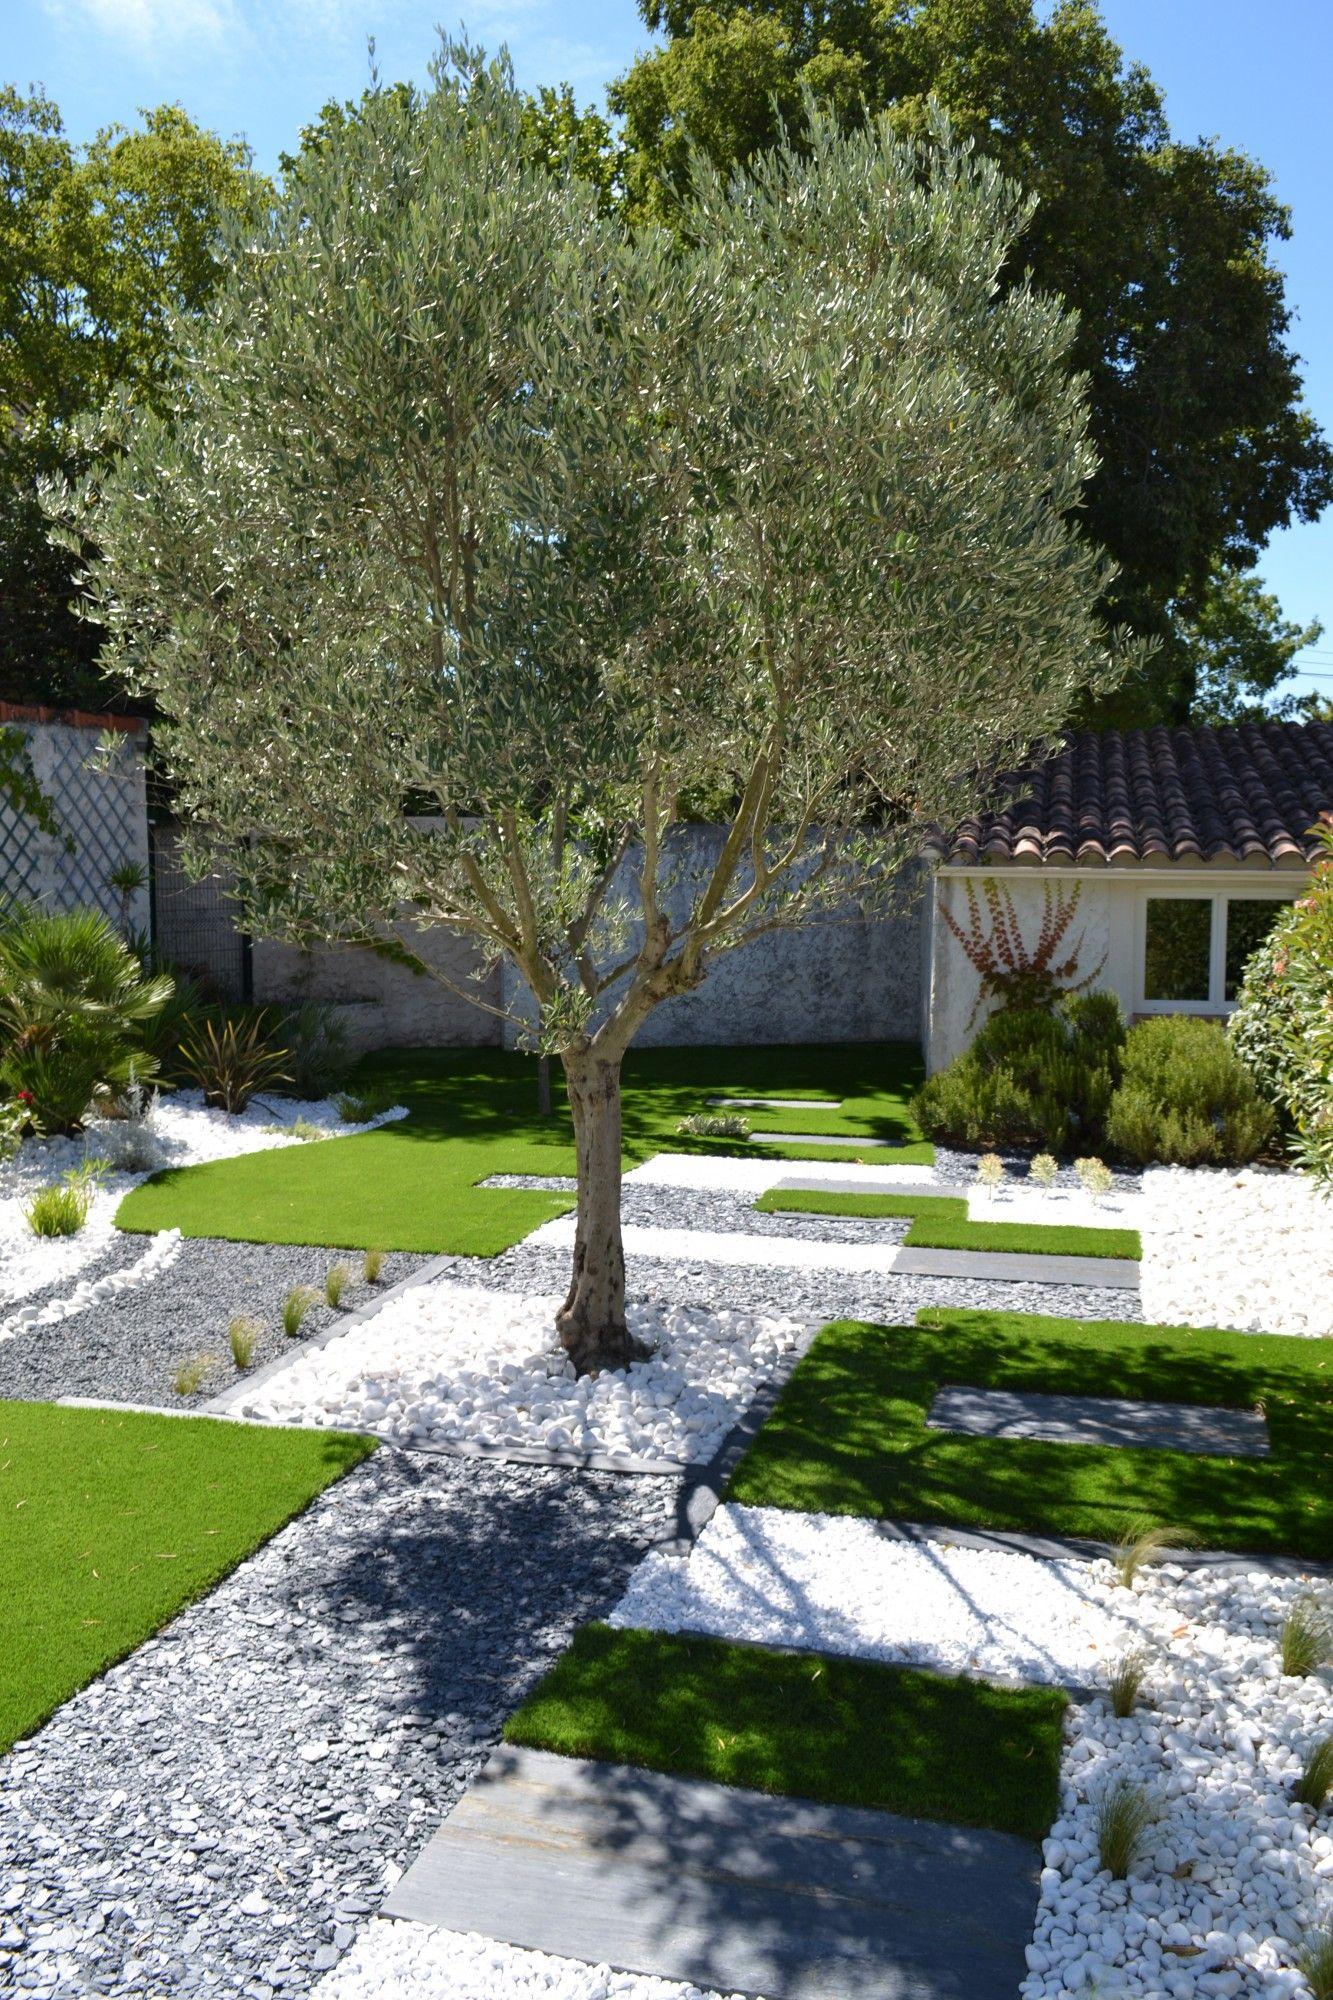 Galets Blancs, Gazon Synthétique, Placques De Schistes ... destiné Jardin Avec Galets Blancs